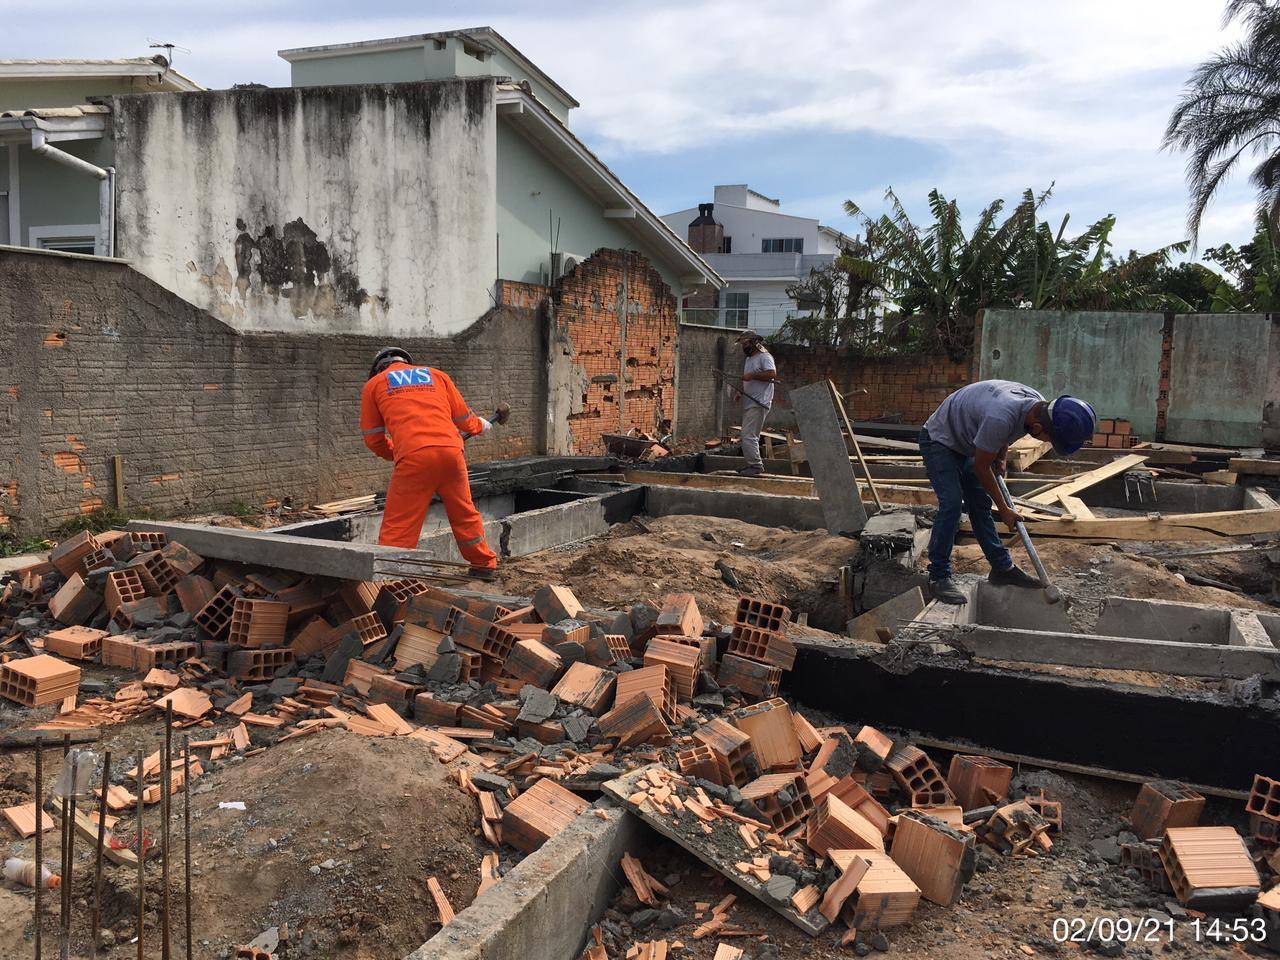 """""""Embargos em construções irregulares"""": Prefeitura de Florianópolis faz demolições e embargos em construções irregulares"""